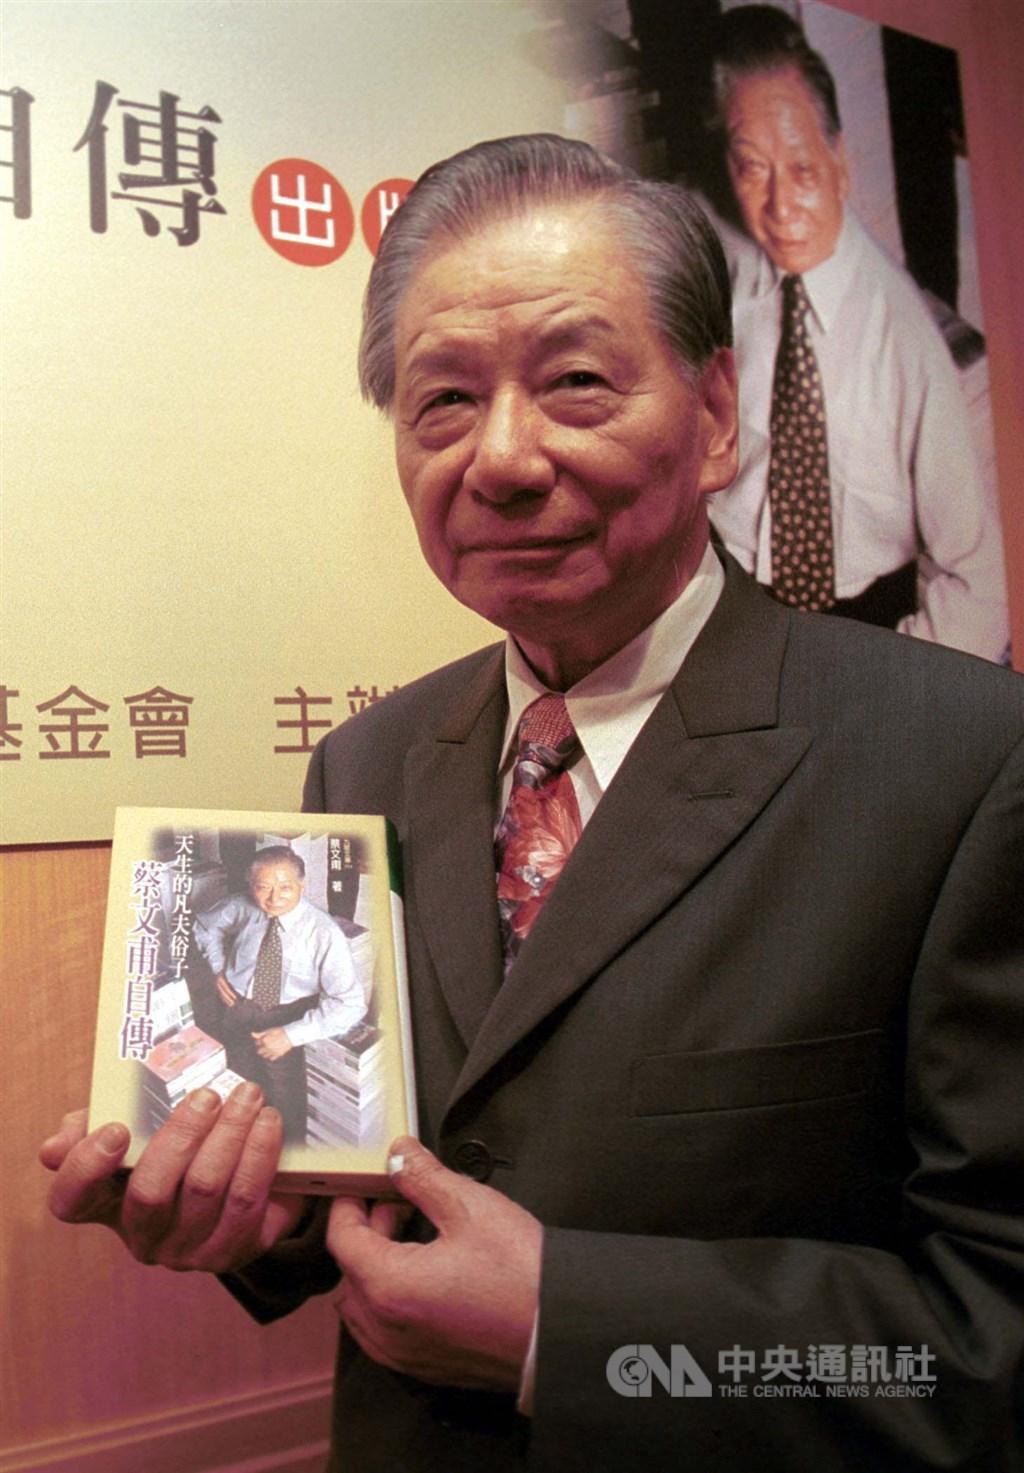 九歌出版社創辦人蔡文甫15日病逝,享耆壽95歲。圖為2001年蔡文甫發表回憶錄「天生的凡夫俗子-蔡文甫自傳」。